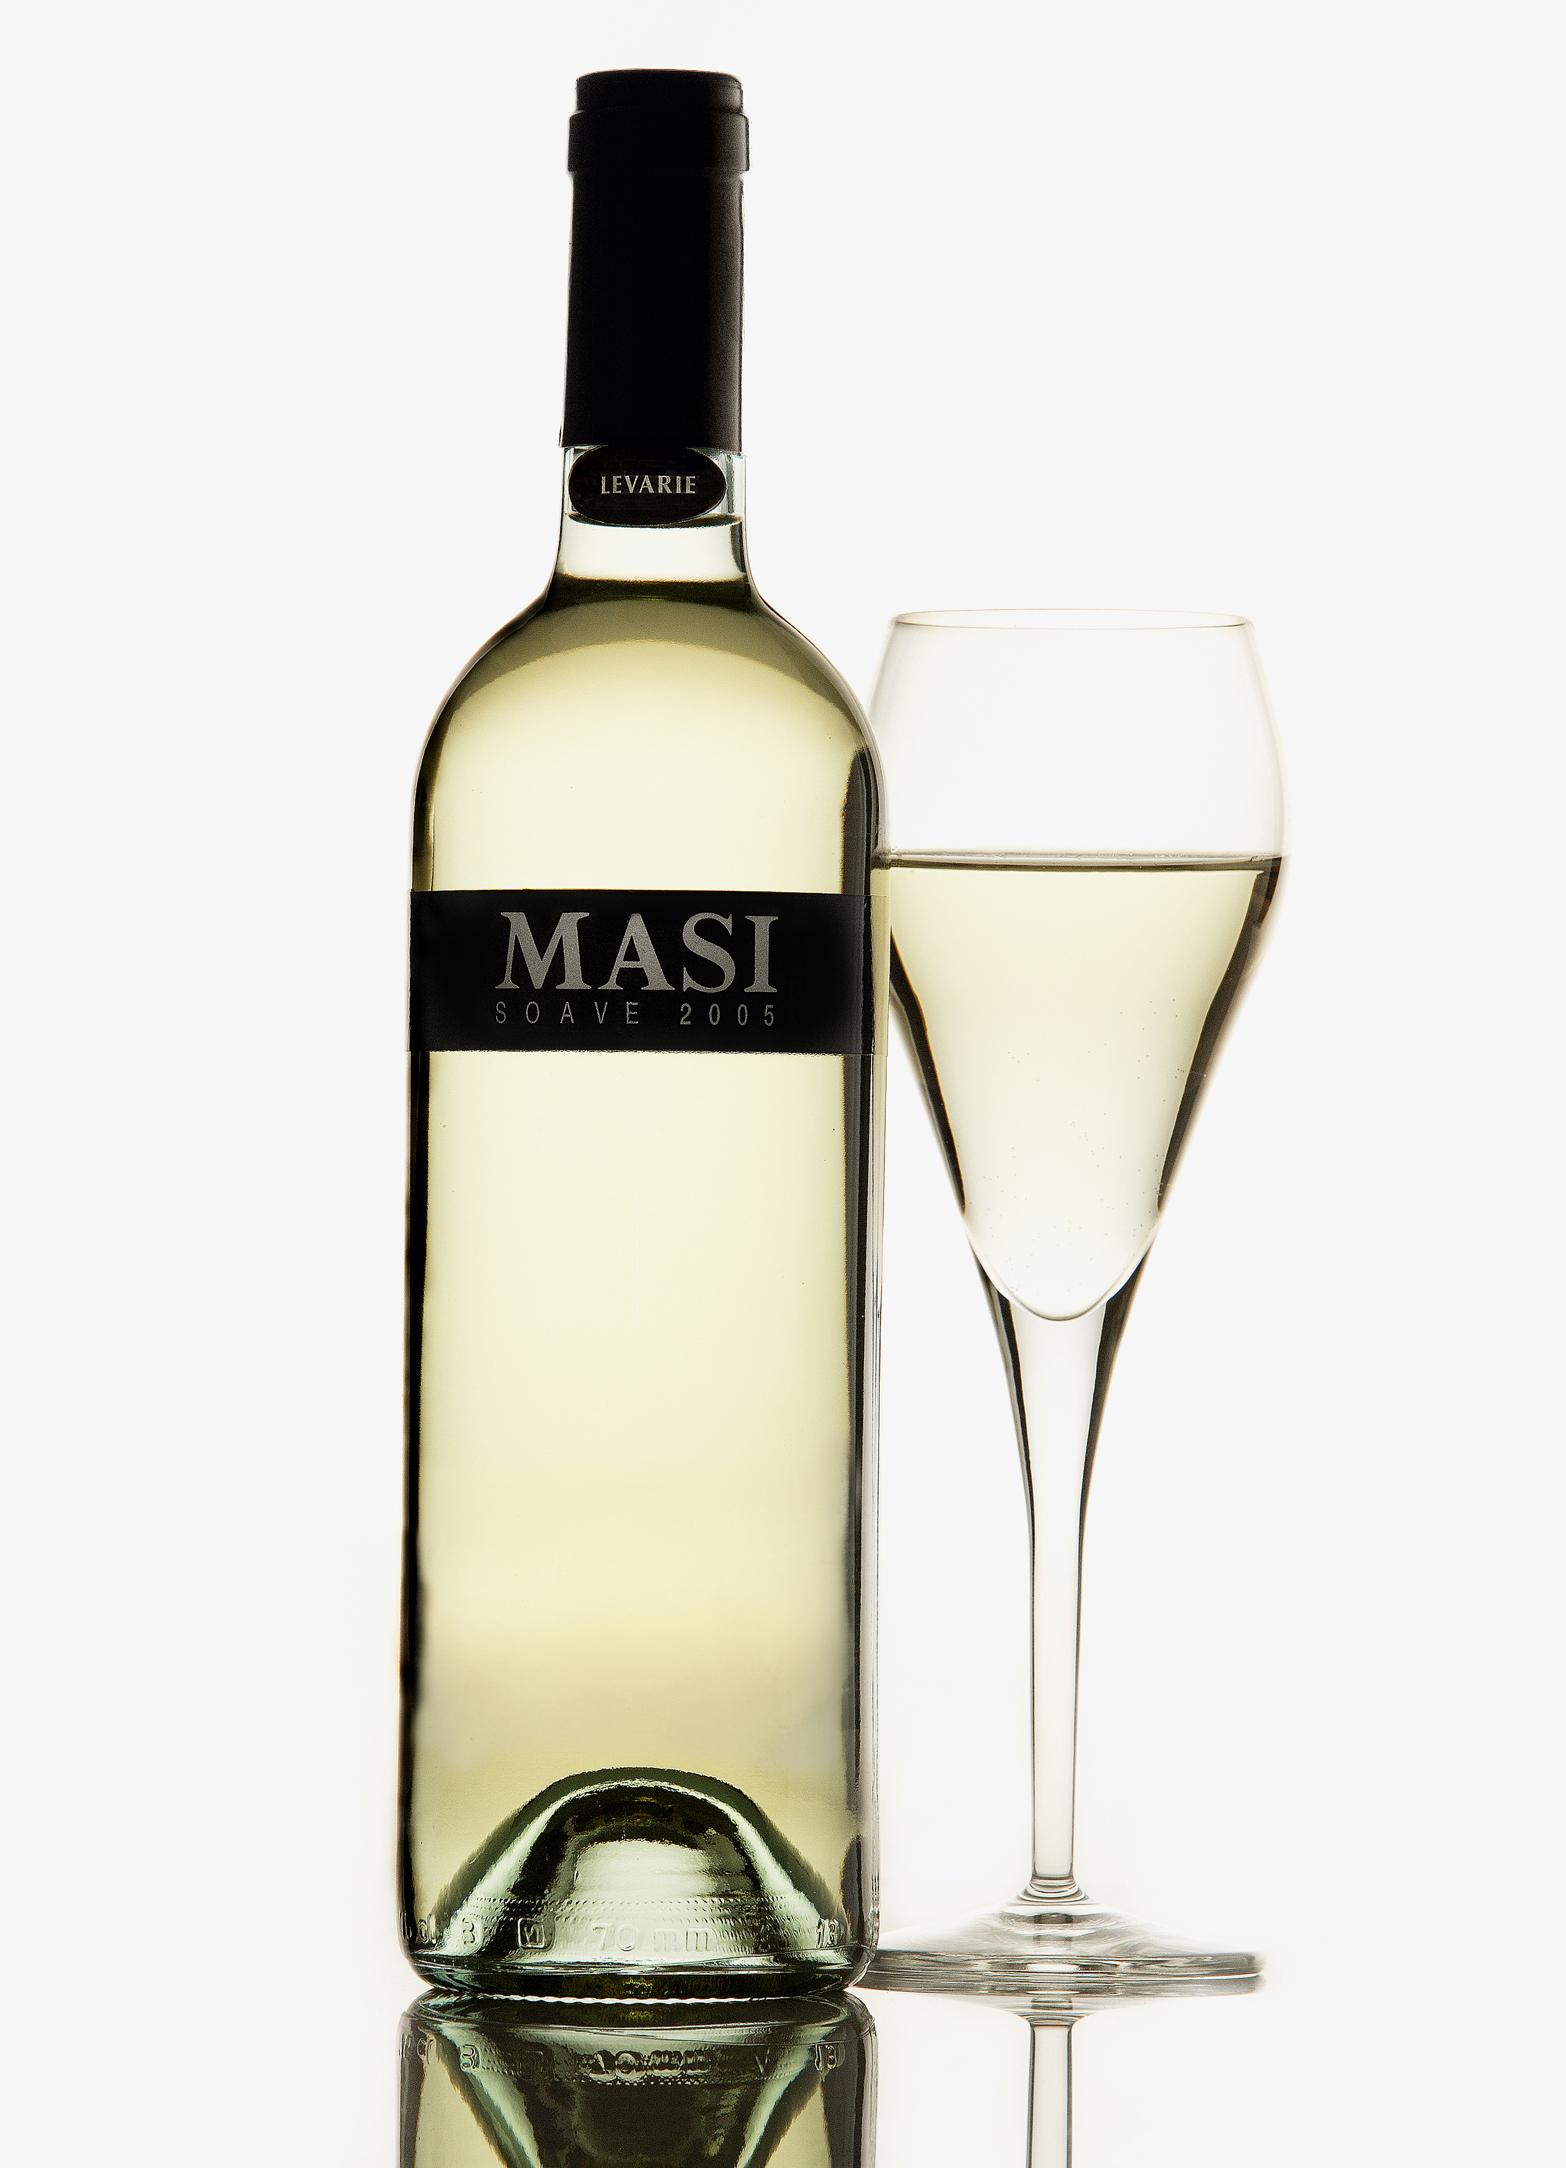 masi crop sm.jpg